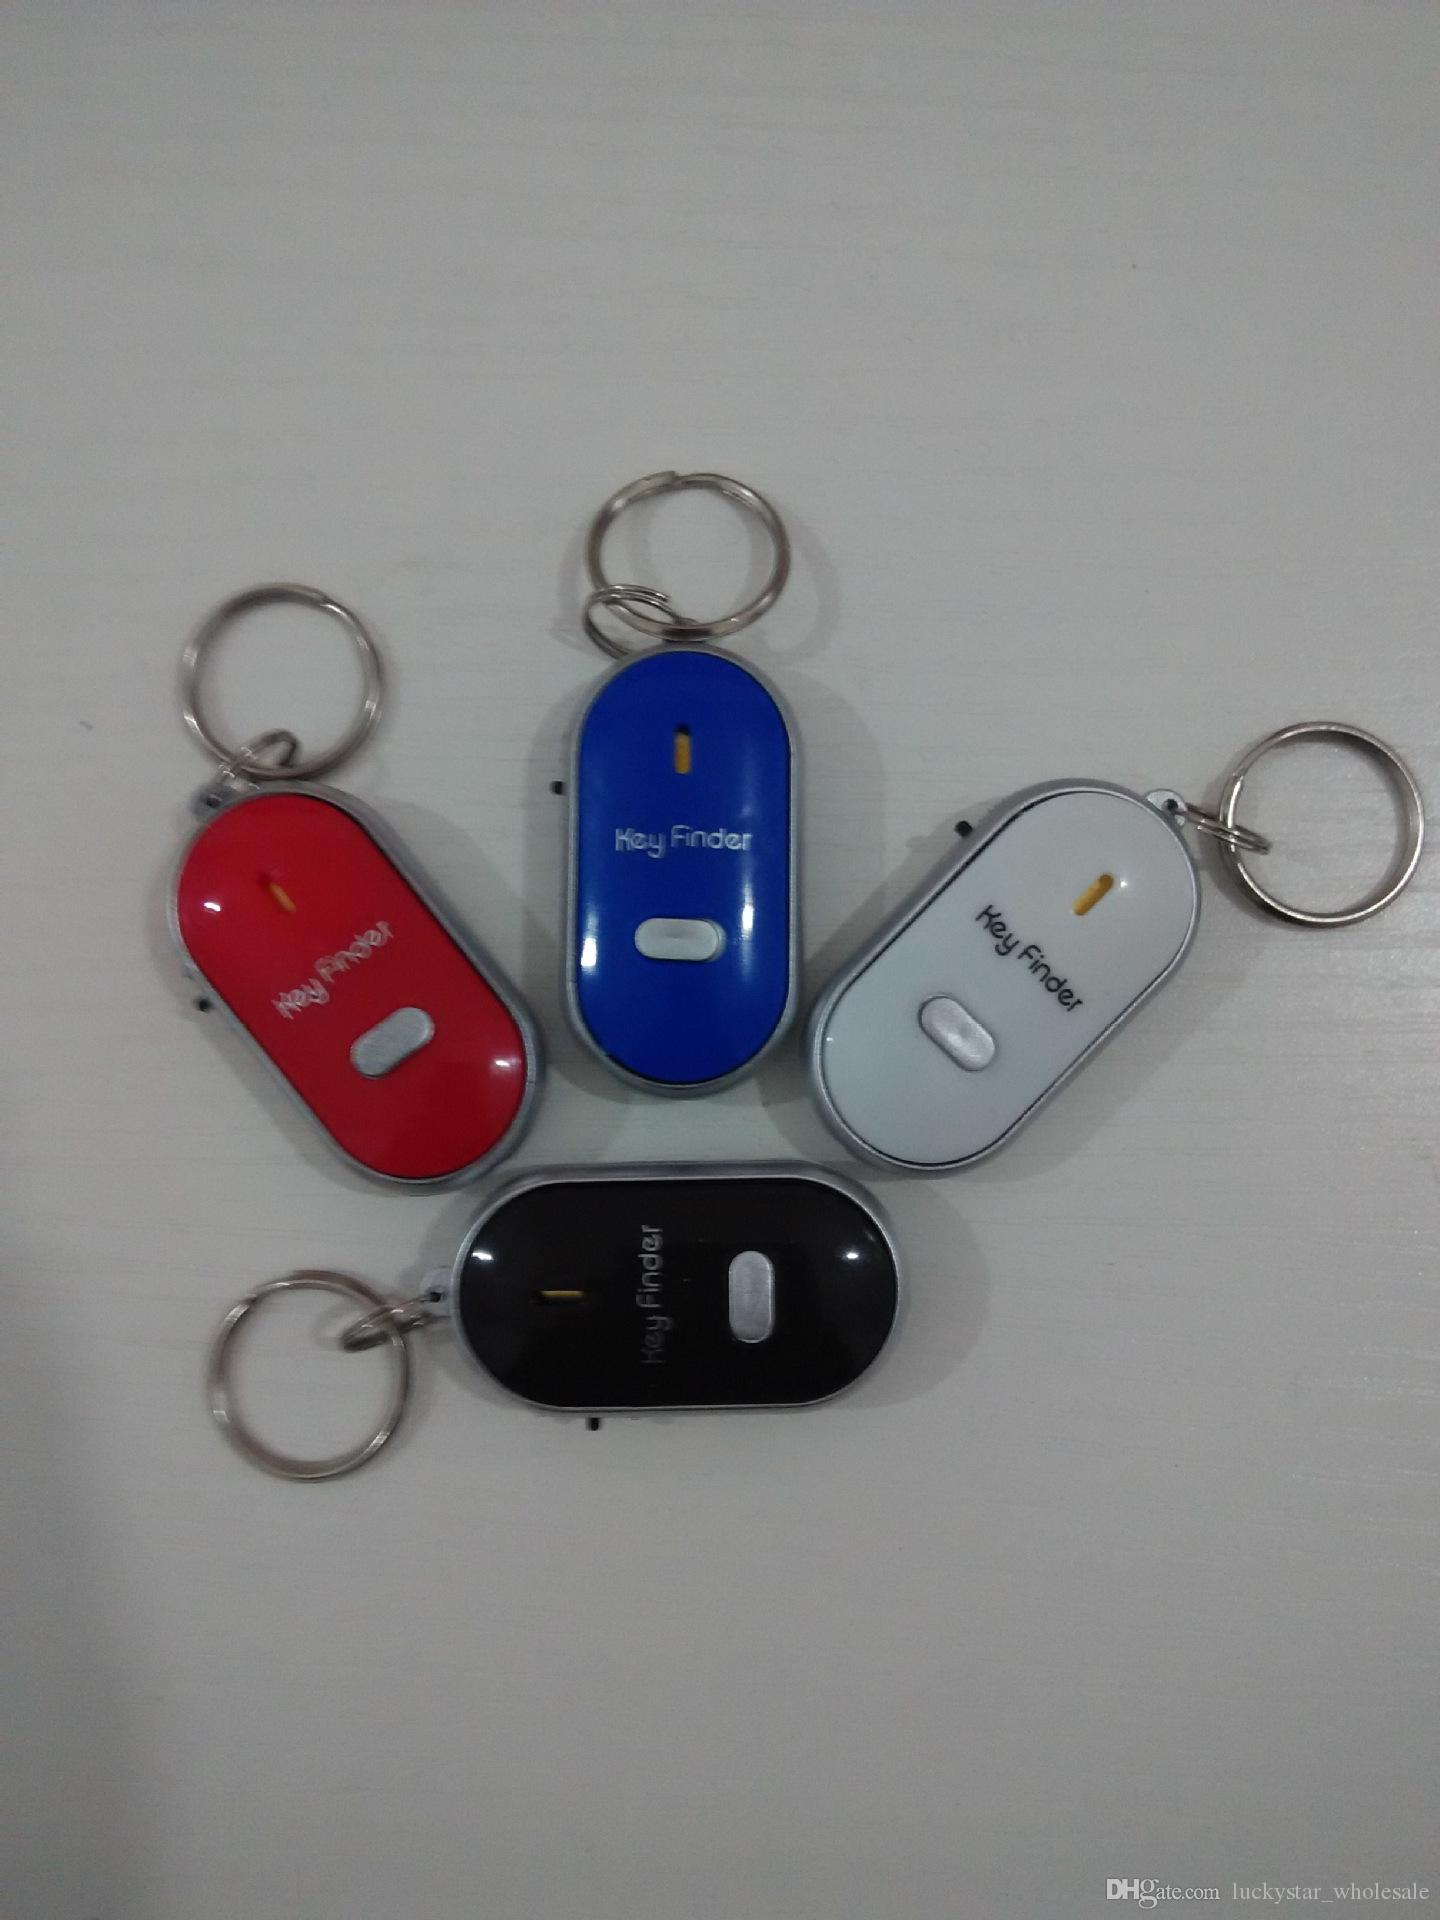 الشحن dhl بعيد مفتاح مكتشف محدد العثور فقدت مفاتيح سلسلة المحمول مكتشف محفظة مكتشف المفاتيح صافرة تحكم الصوت مع on / off التبديل